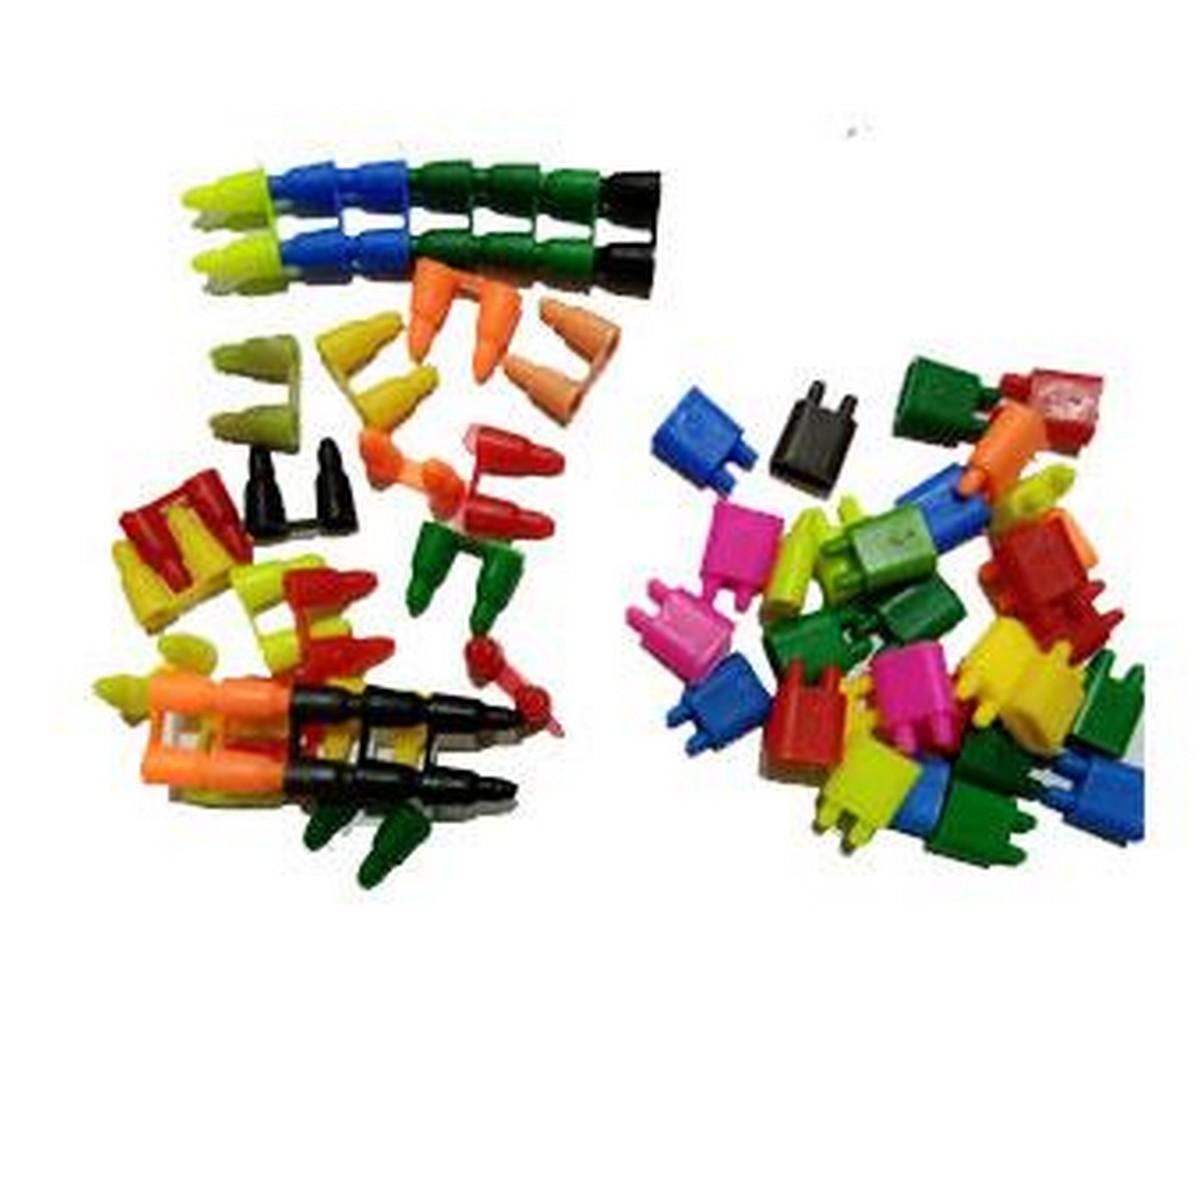 60 Pcs Mini 2cm Building Blocks For Kids